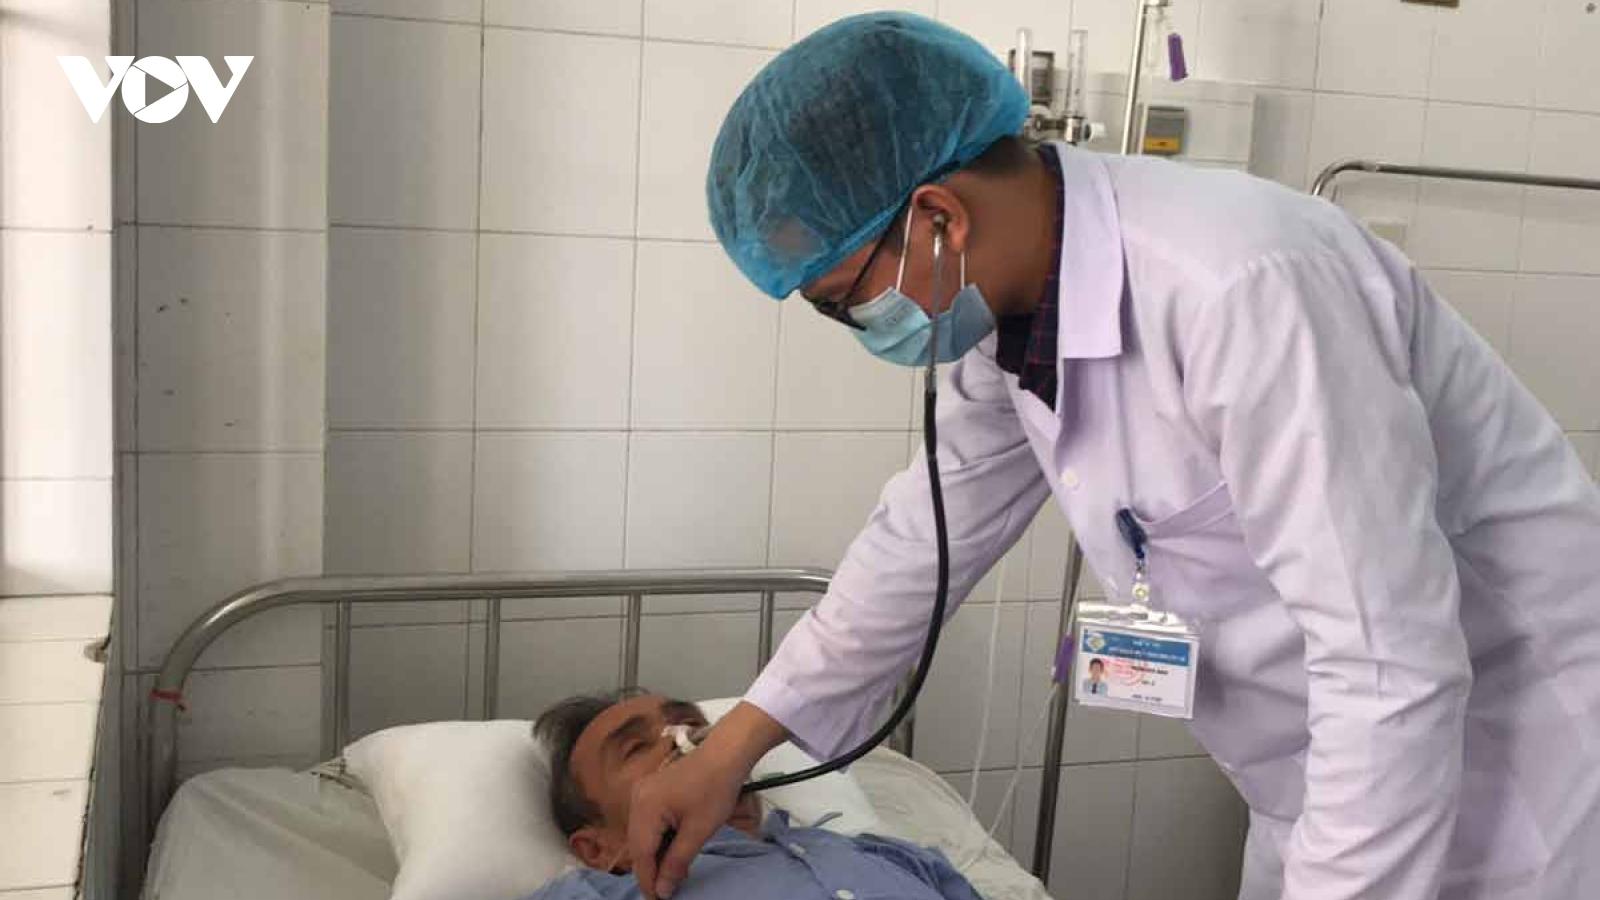 Thay huyết tương cứu sống bệnh nhân có bệnh lý hiếm gặp